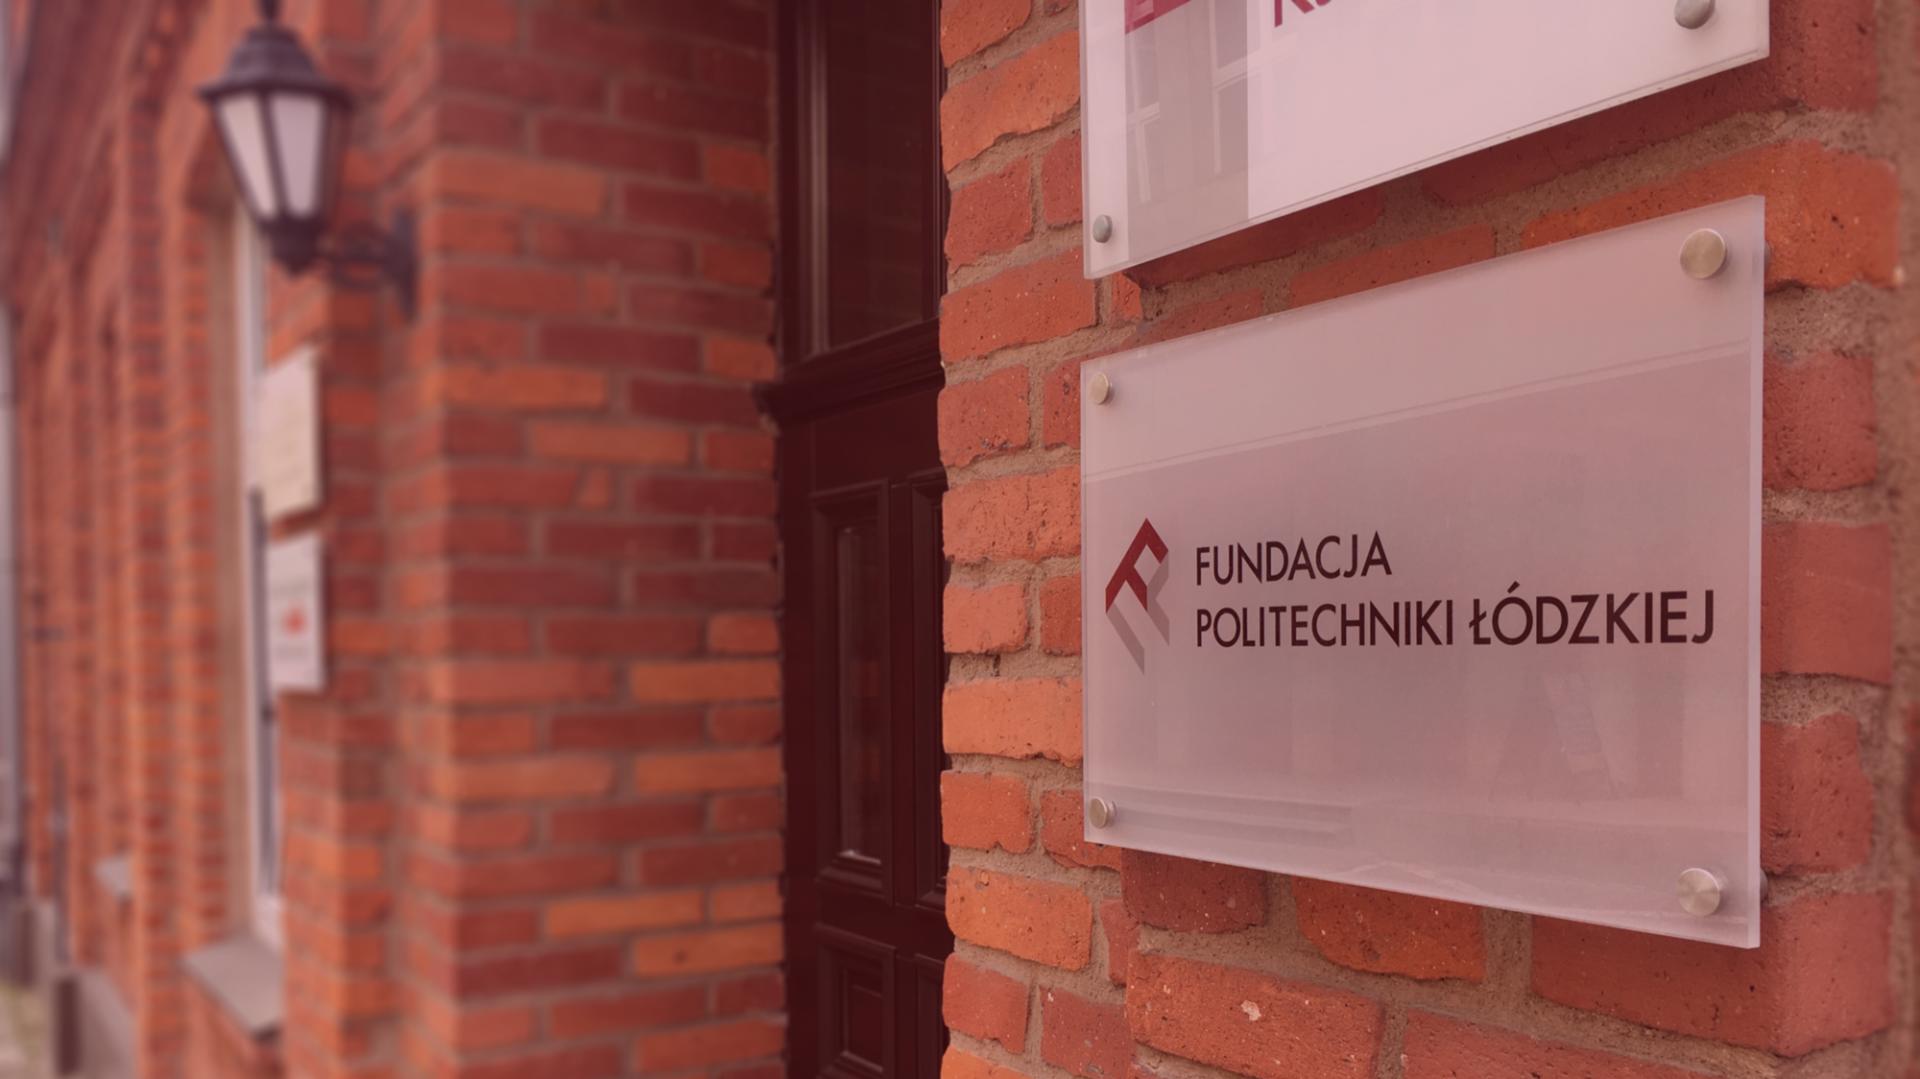 Fundacja Politechniki Łódzkiej